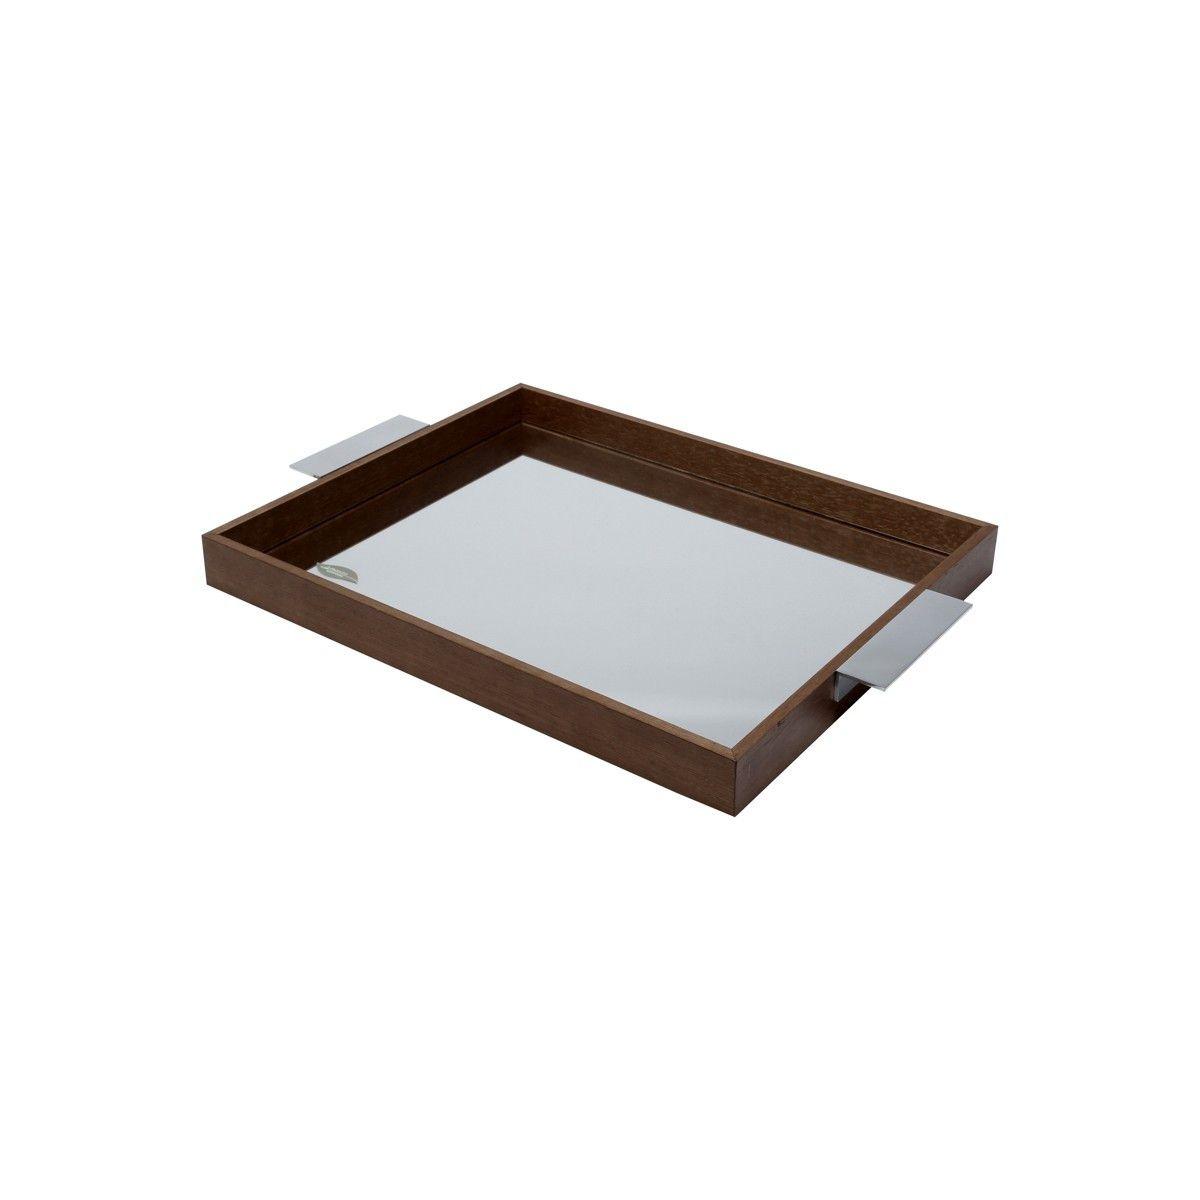 Bandeja de Madeira com Espelho Woodart Naturals 40x30cm 10983